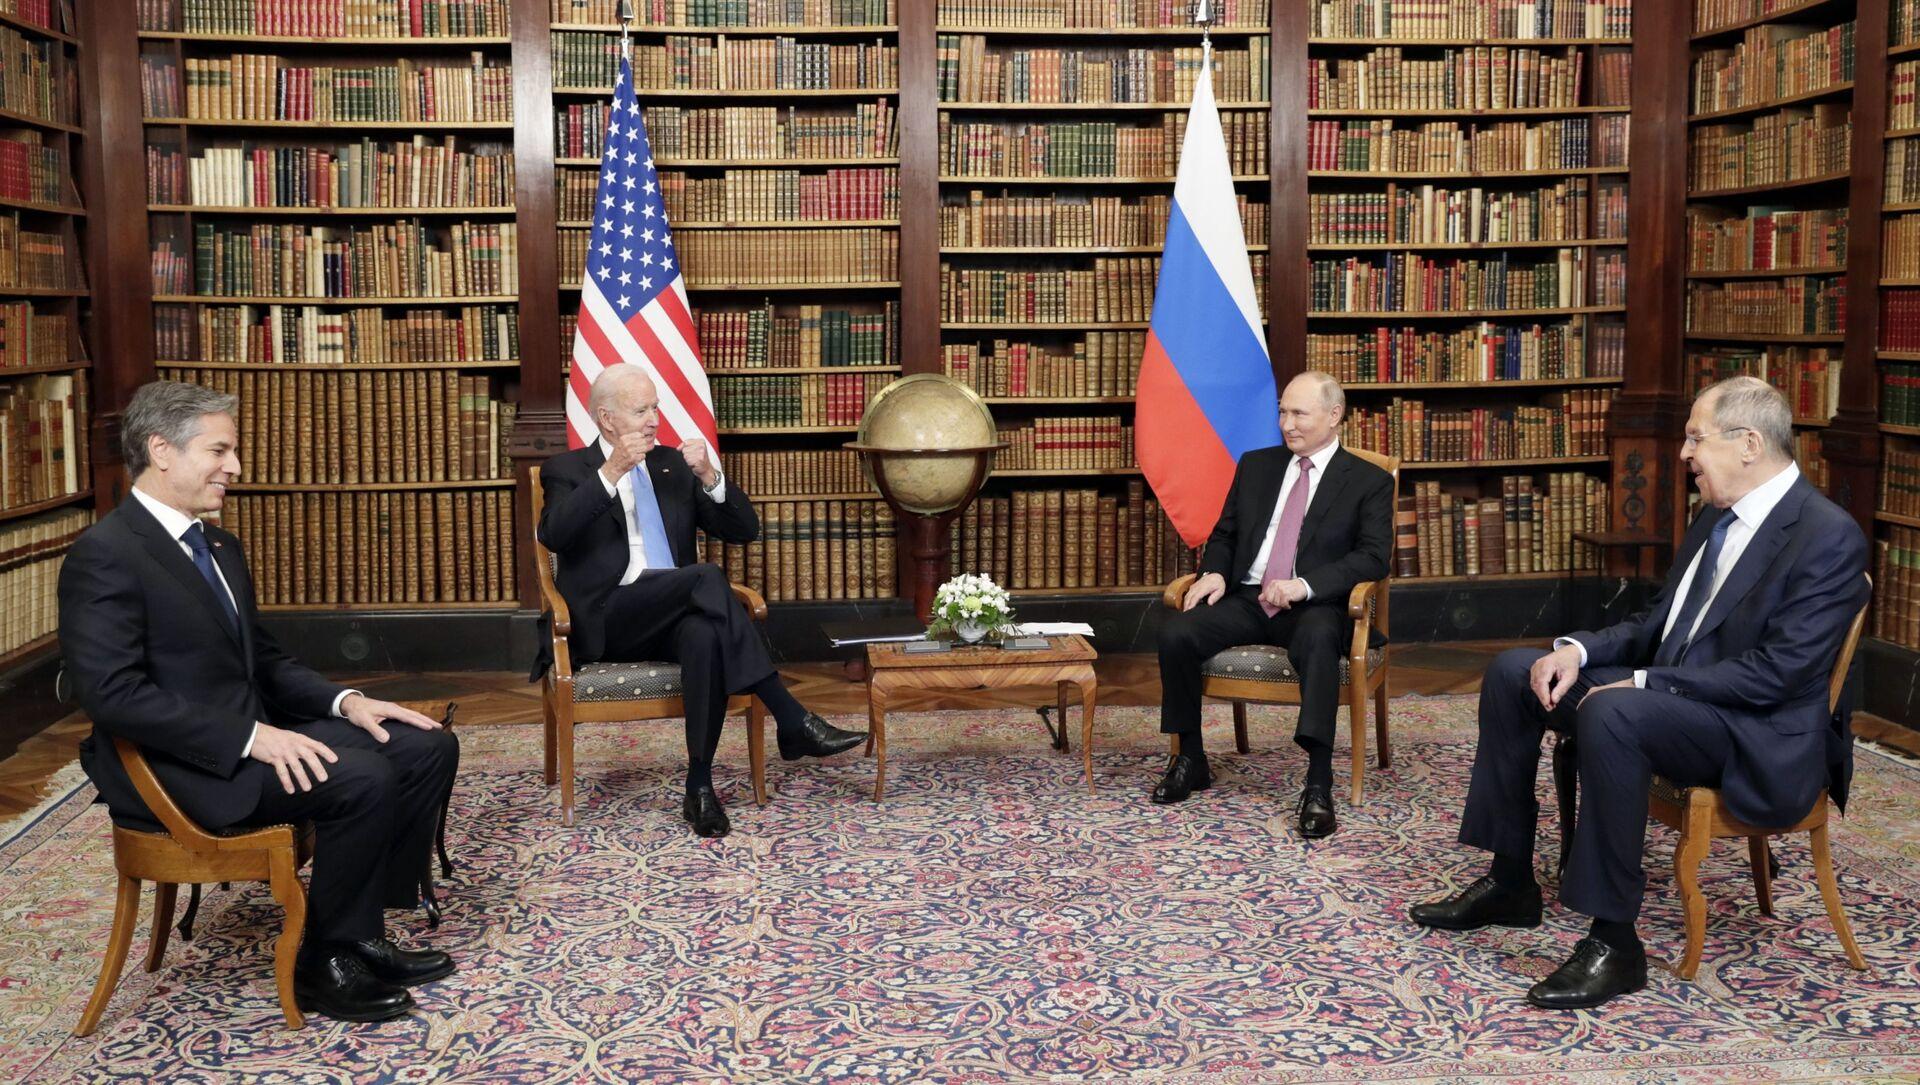 Poutine et Biden lors de leur rencontre à Genève, 16 juin 2021 - Sputnik France, 1920, 16.06.2021